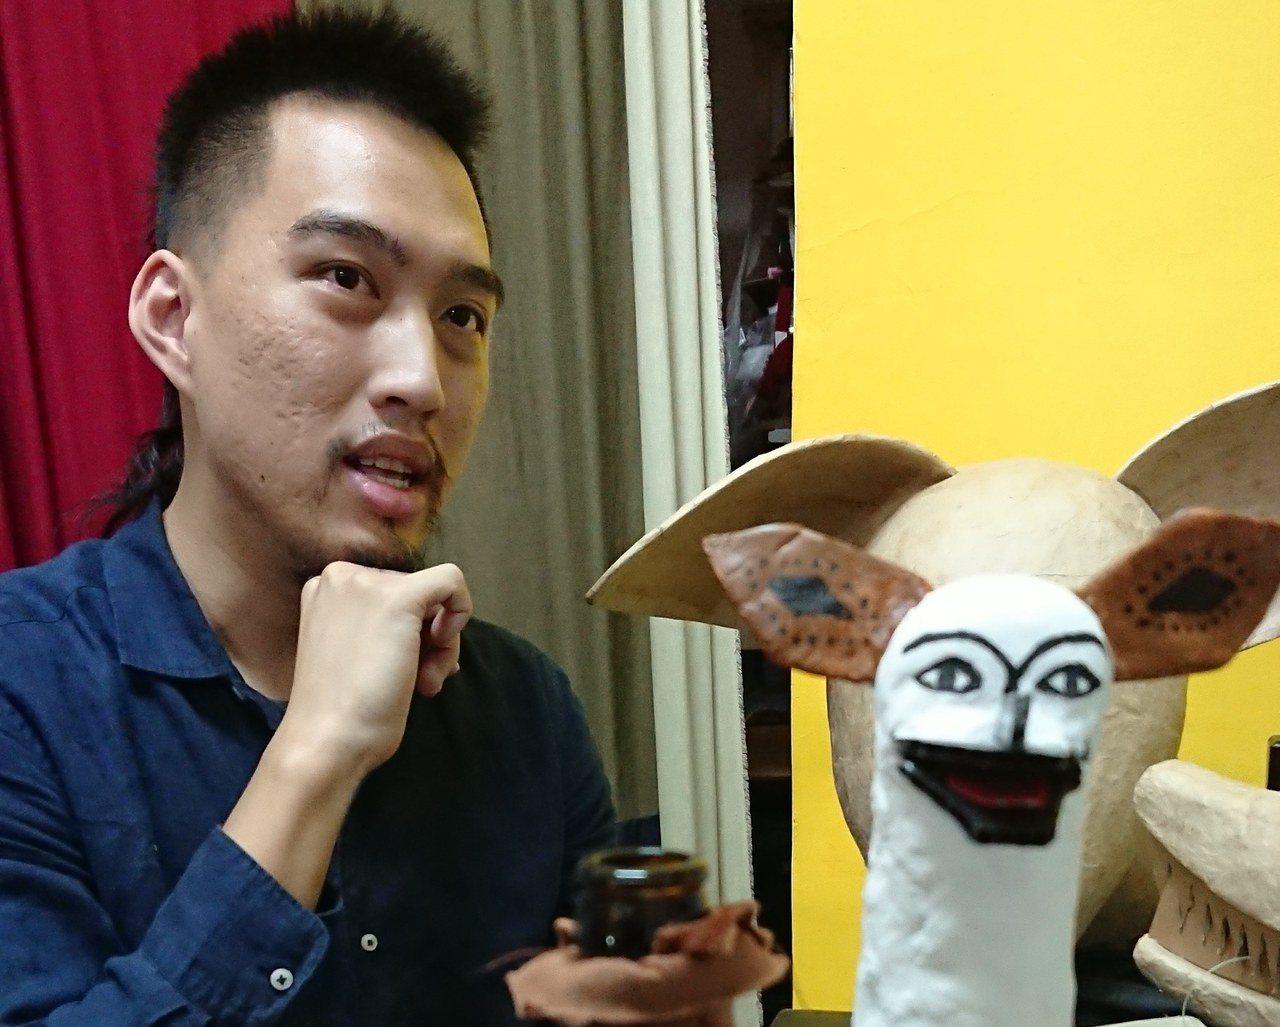 少數具有製偶能力的操偶演員陳佳豪。 攝影/盧婷婷